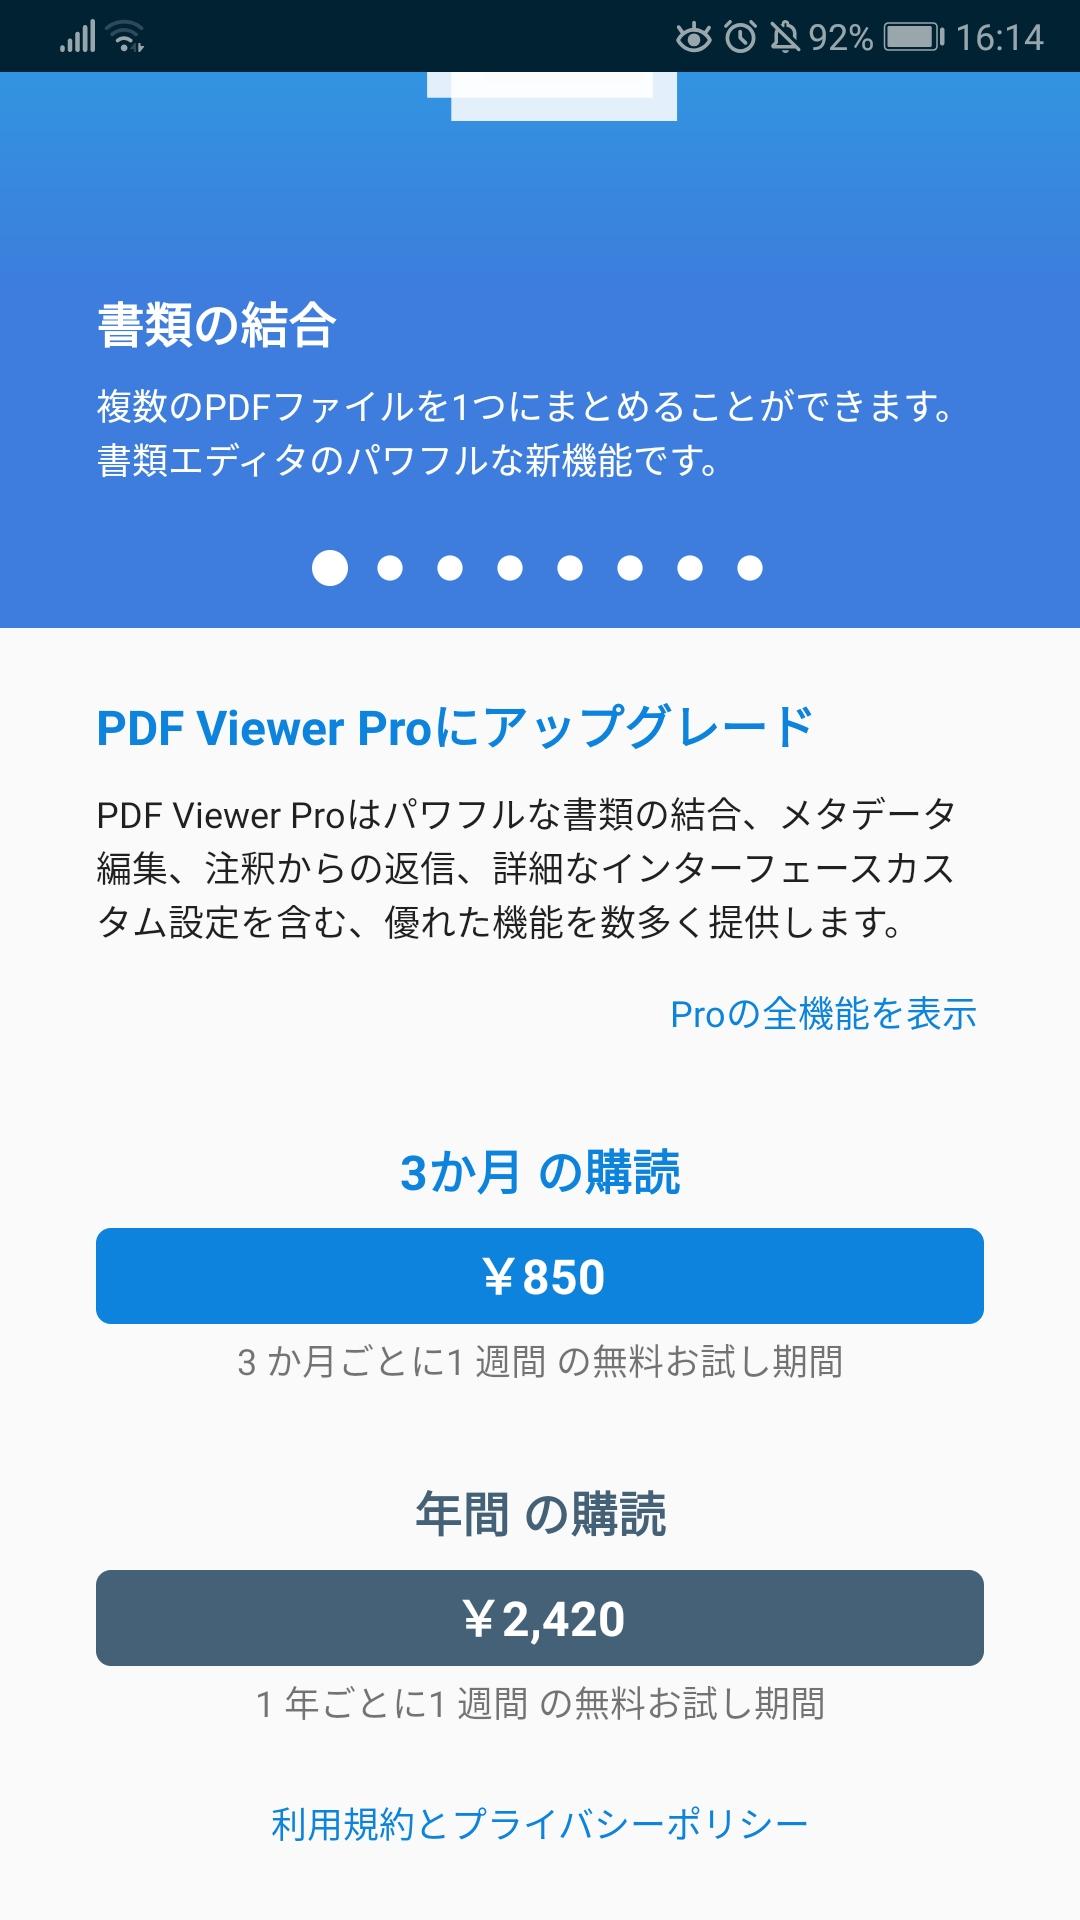 PDFV1